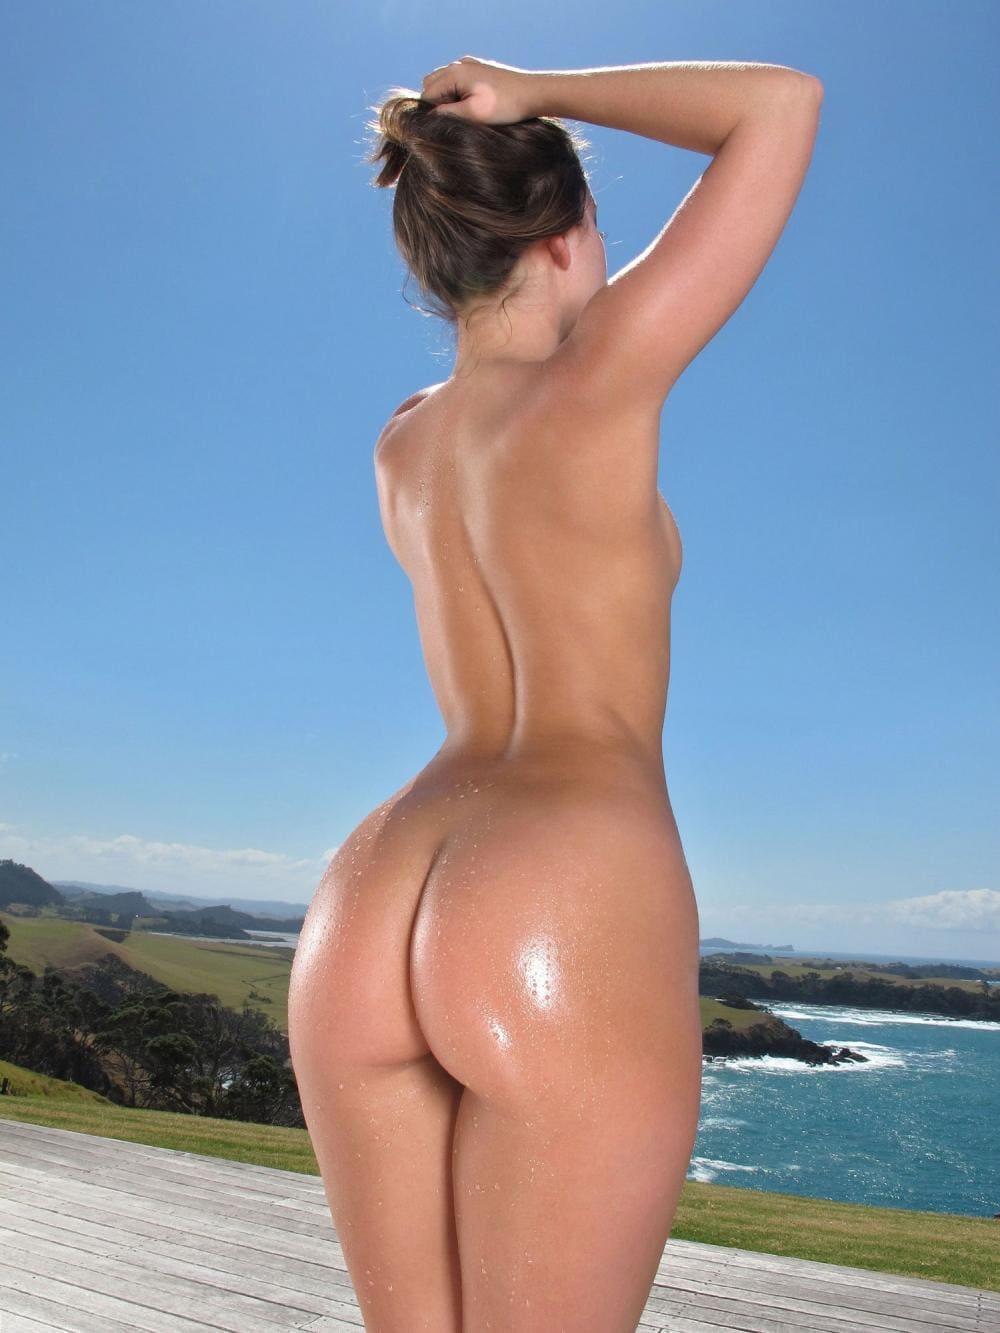 голые девушки с большой попой стоит подняв руки на голову, попка блестит от масла